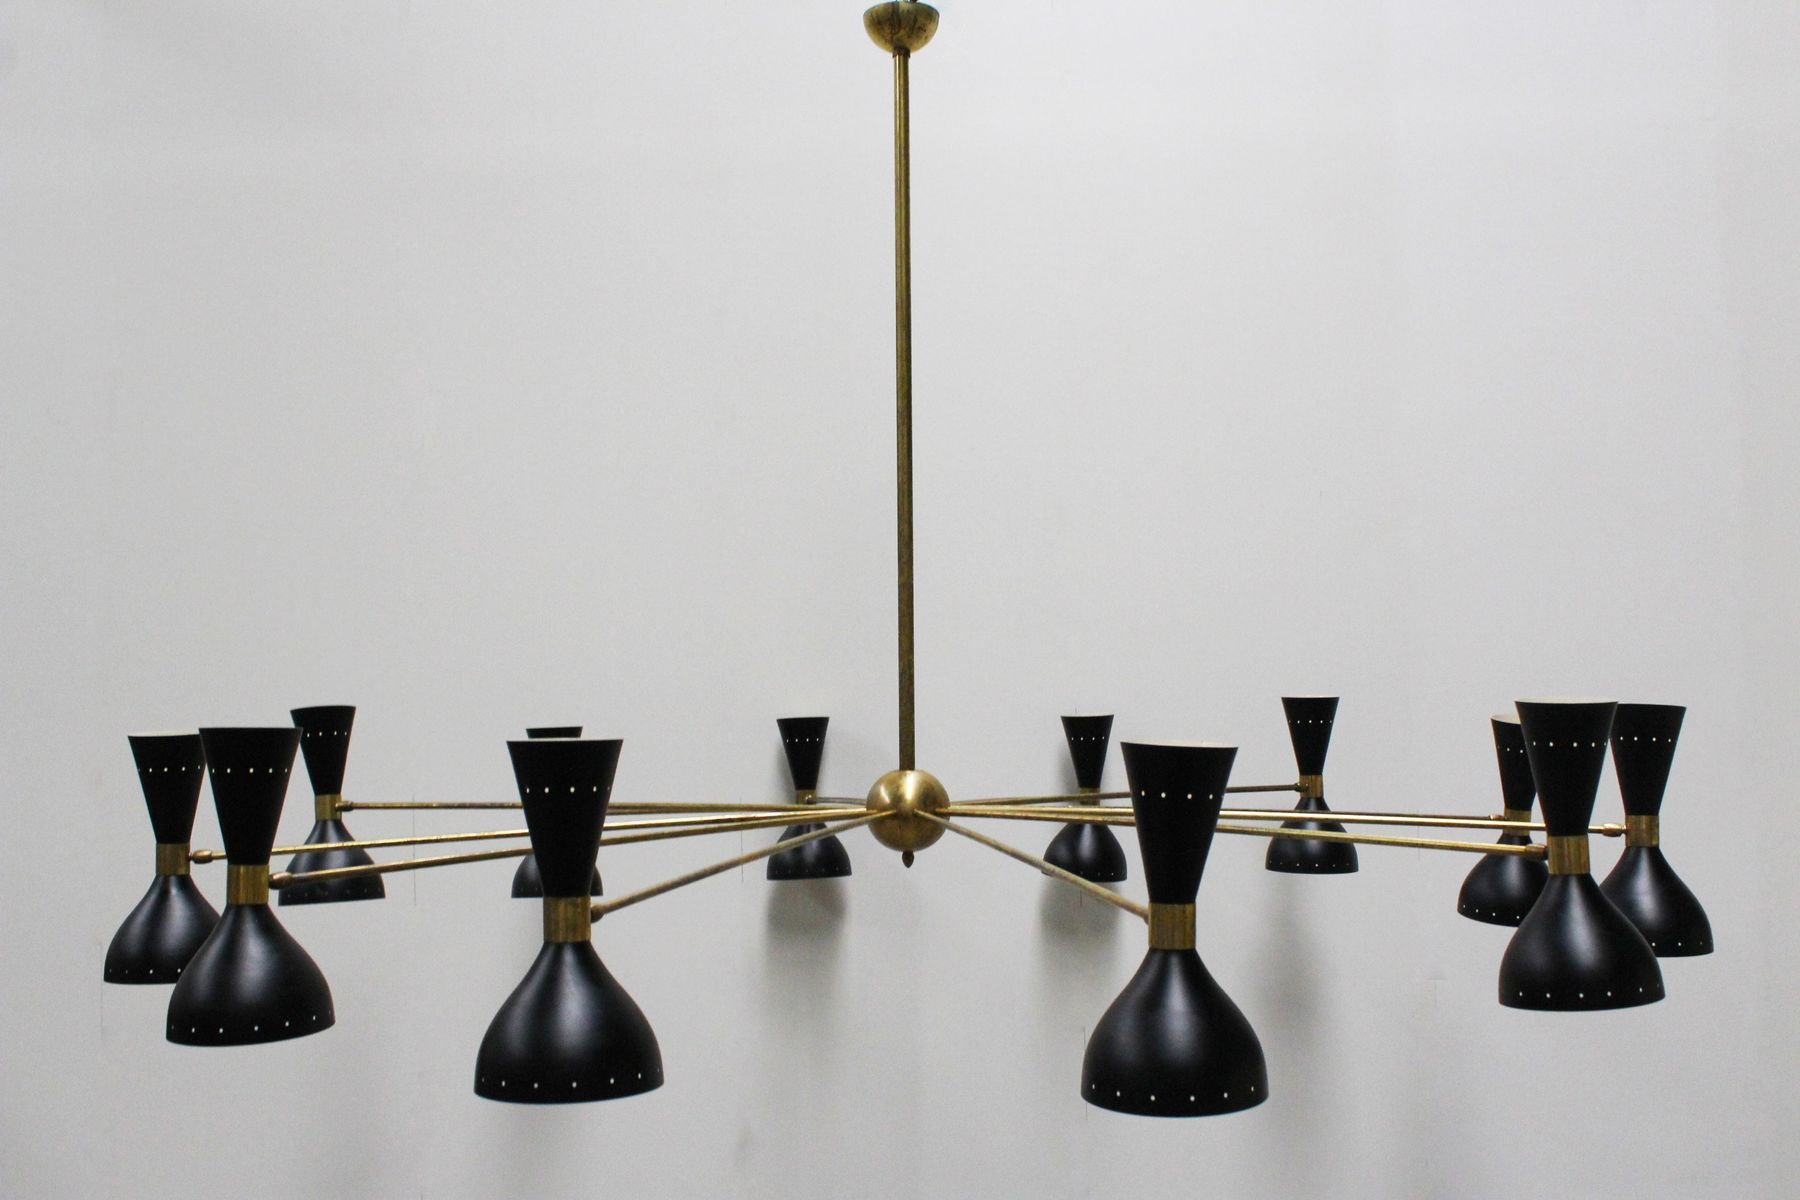 italienischer mid century kronleuchter aus messing schwarzem metall 1950er bei pamono kaufen. Black Bedroom Furniture Sets. Home Design Ideas